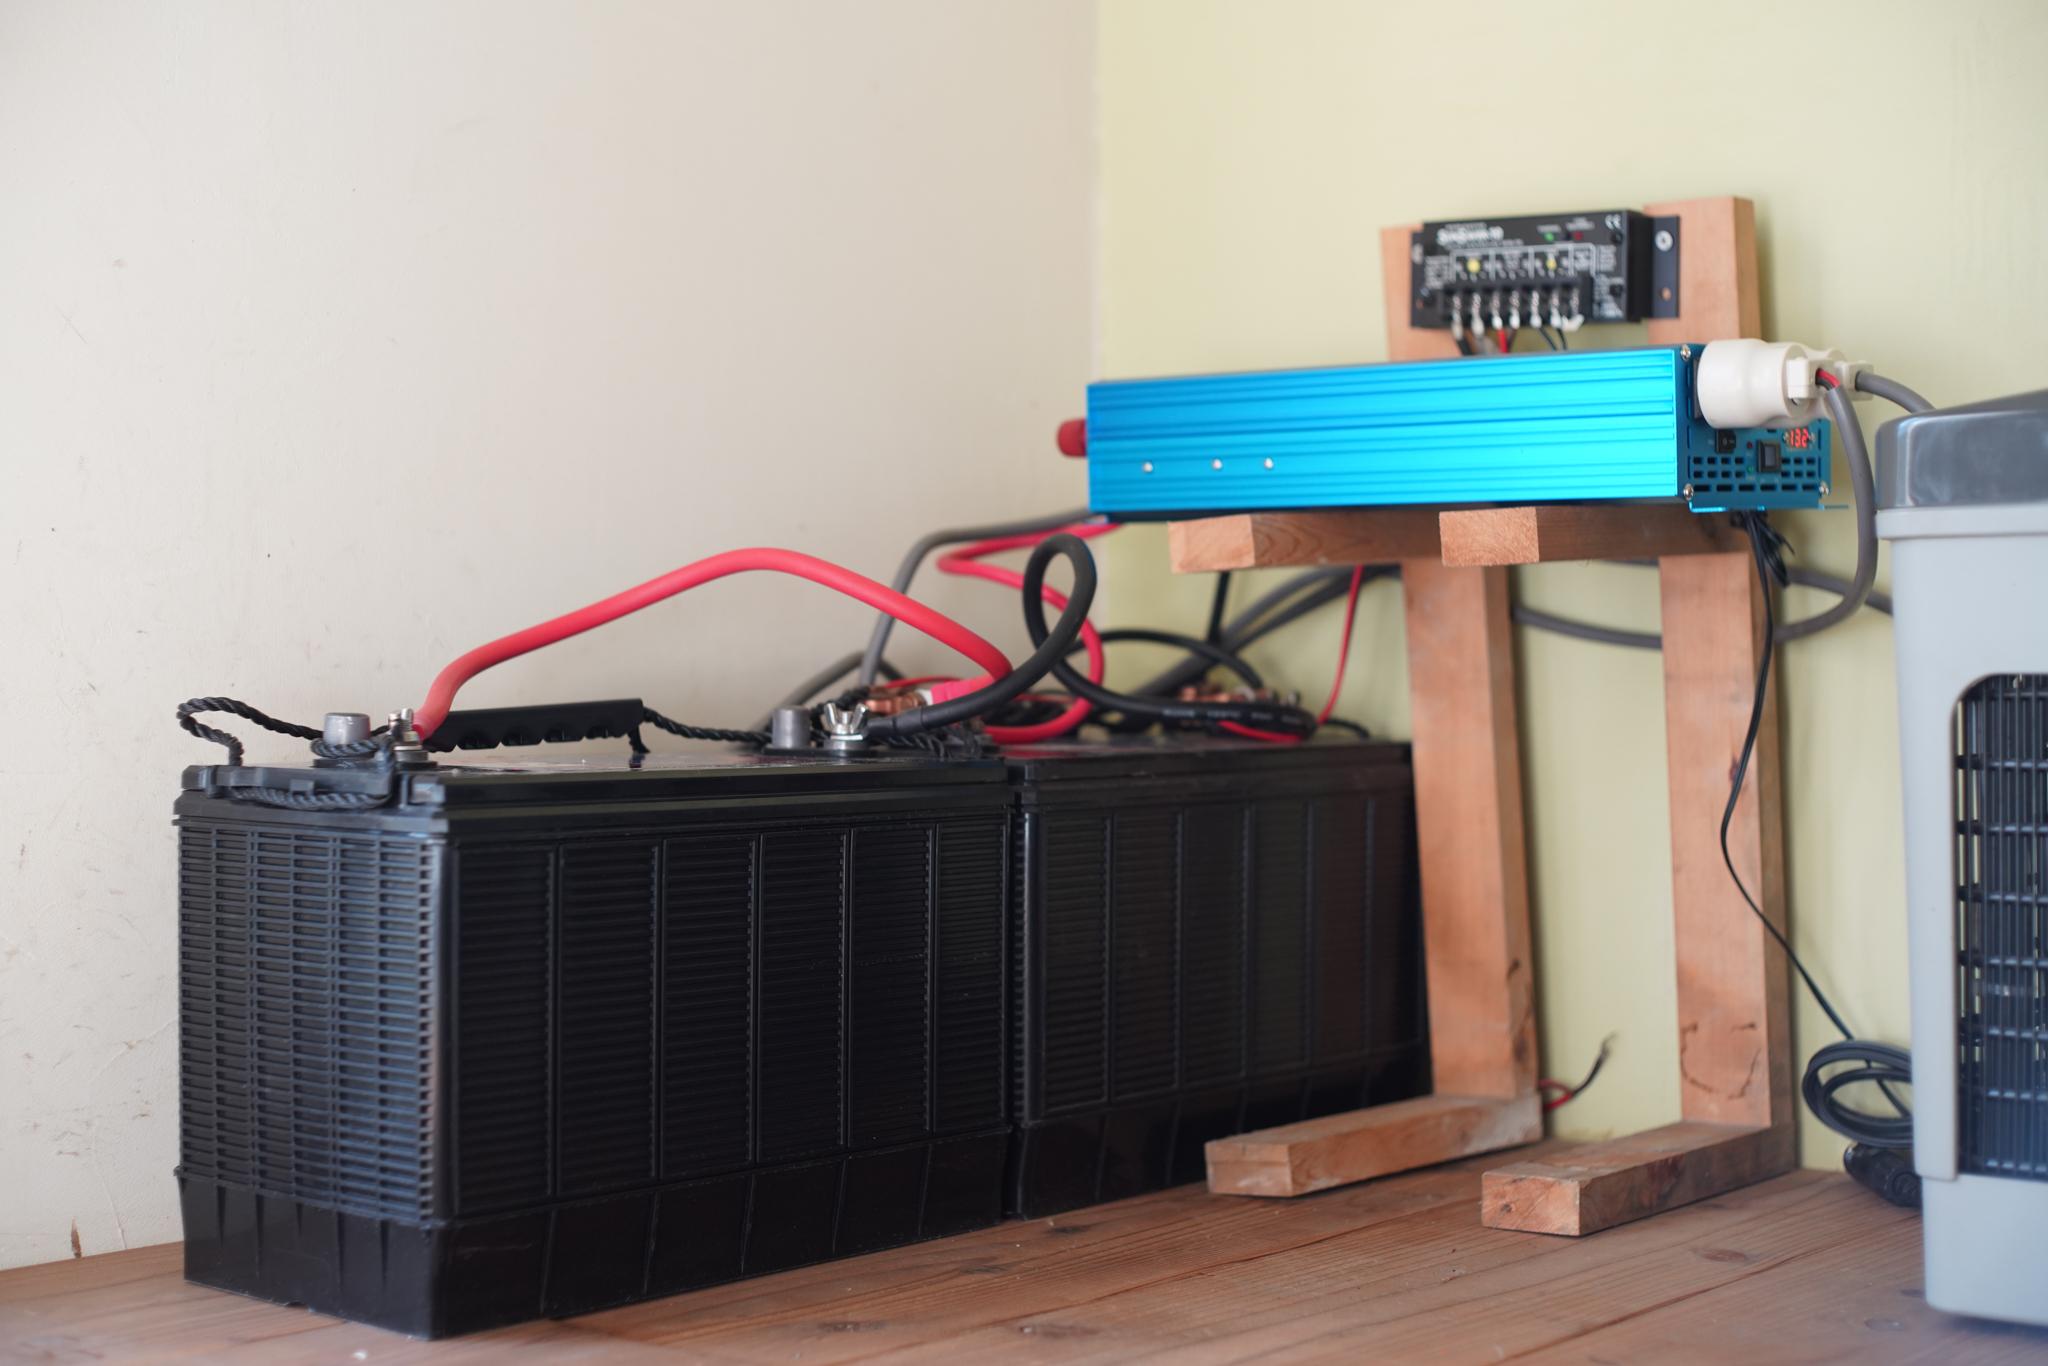 小屋のソーラー発電用ディープサイクルバッテリーをAC Delco M31MFに統一